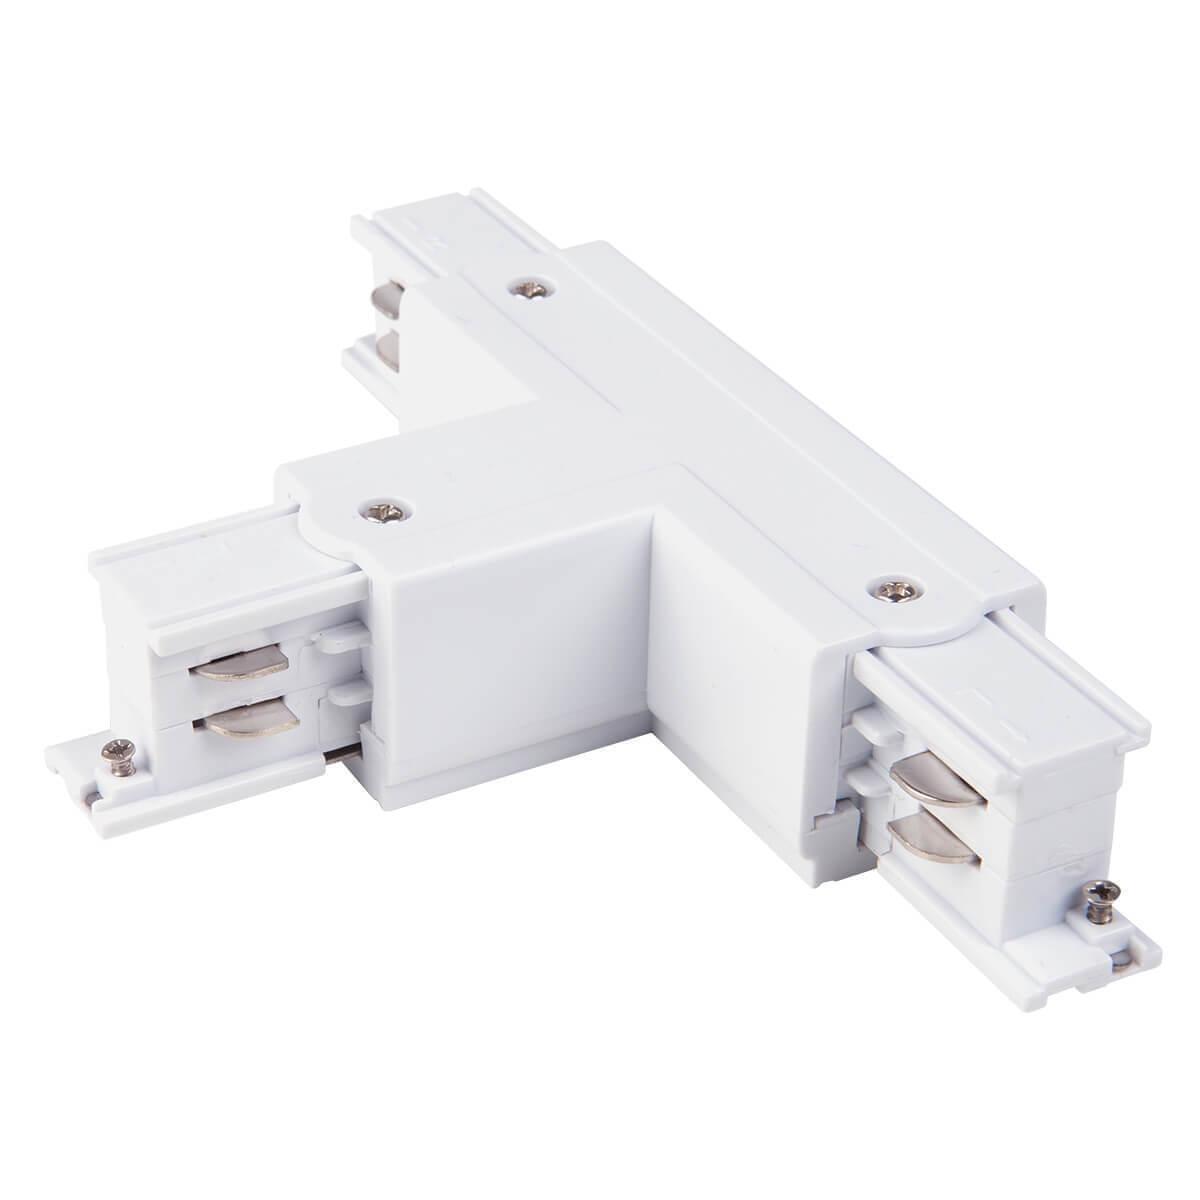 лучшая цена Коннектор Т-образный левый Elektrostandard TRC-1-3-TL-WH 4690389112492